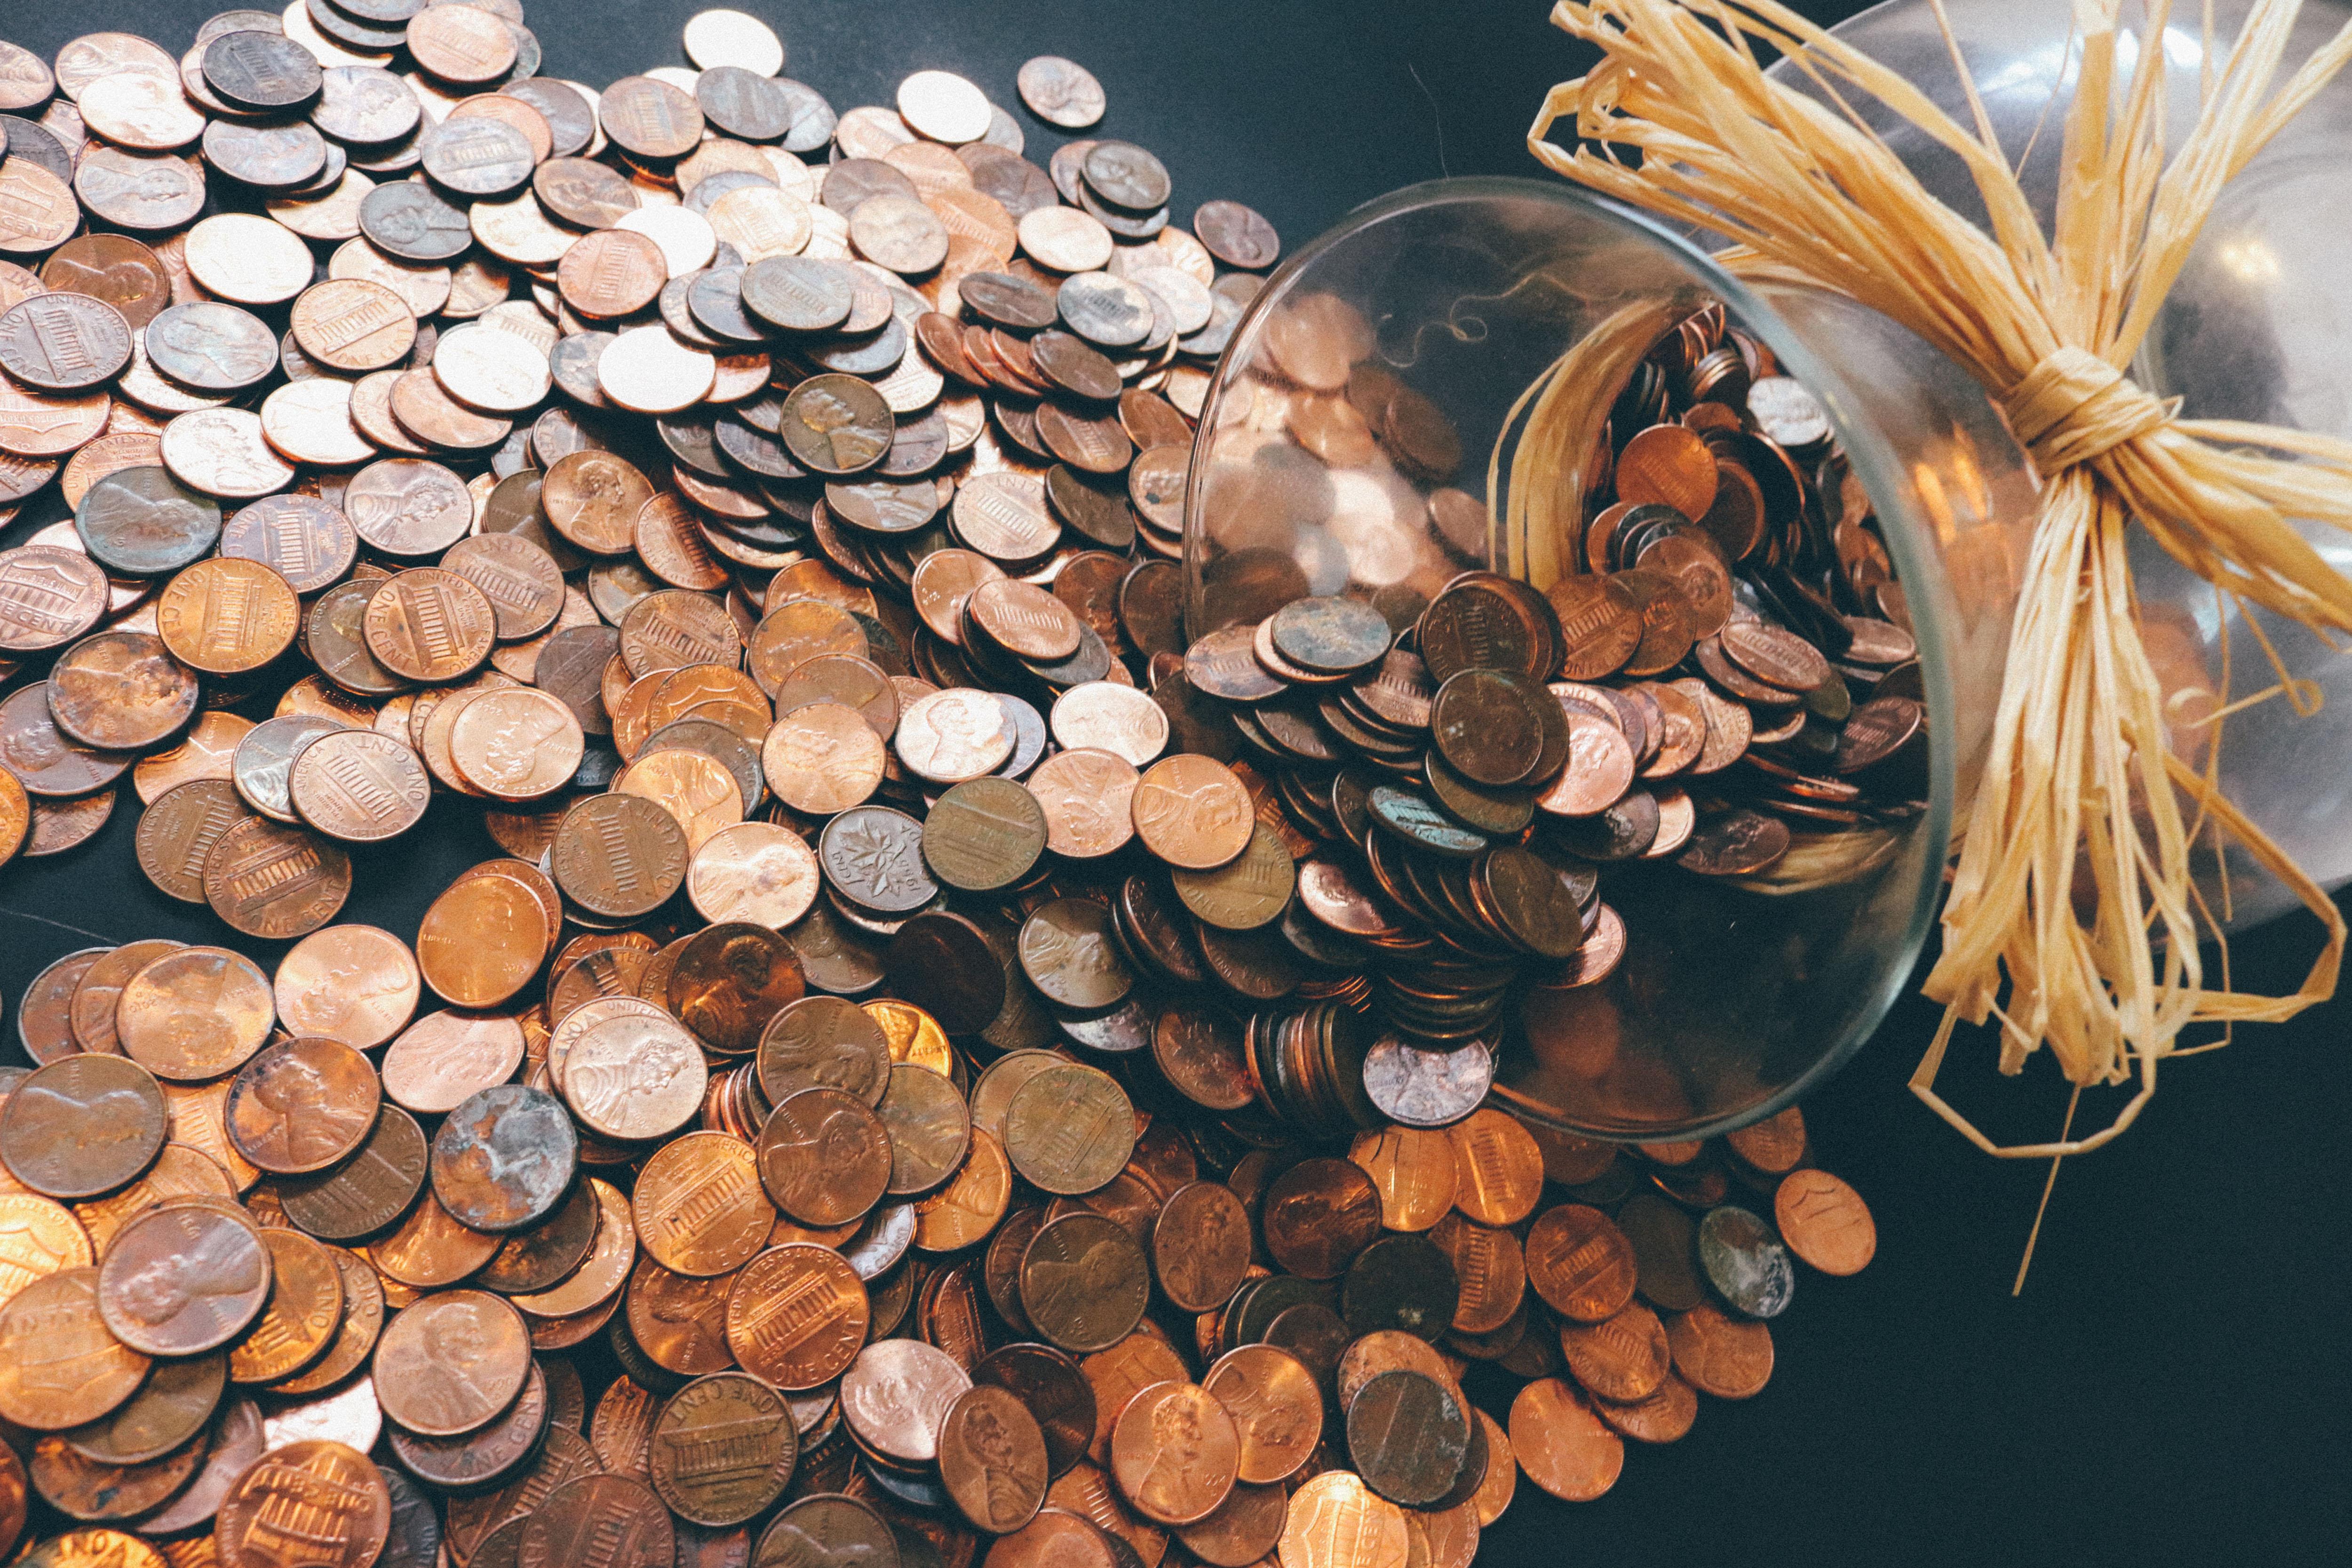 картинки с денежными средствами вулкан таракани священное